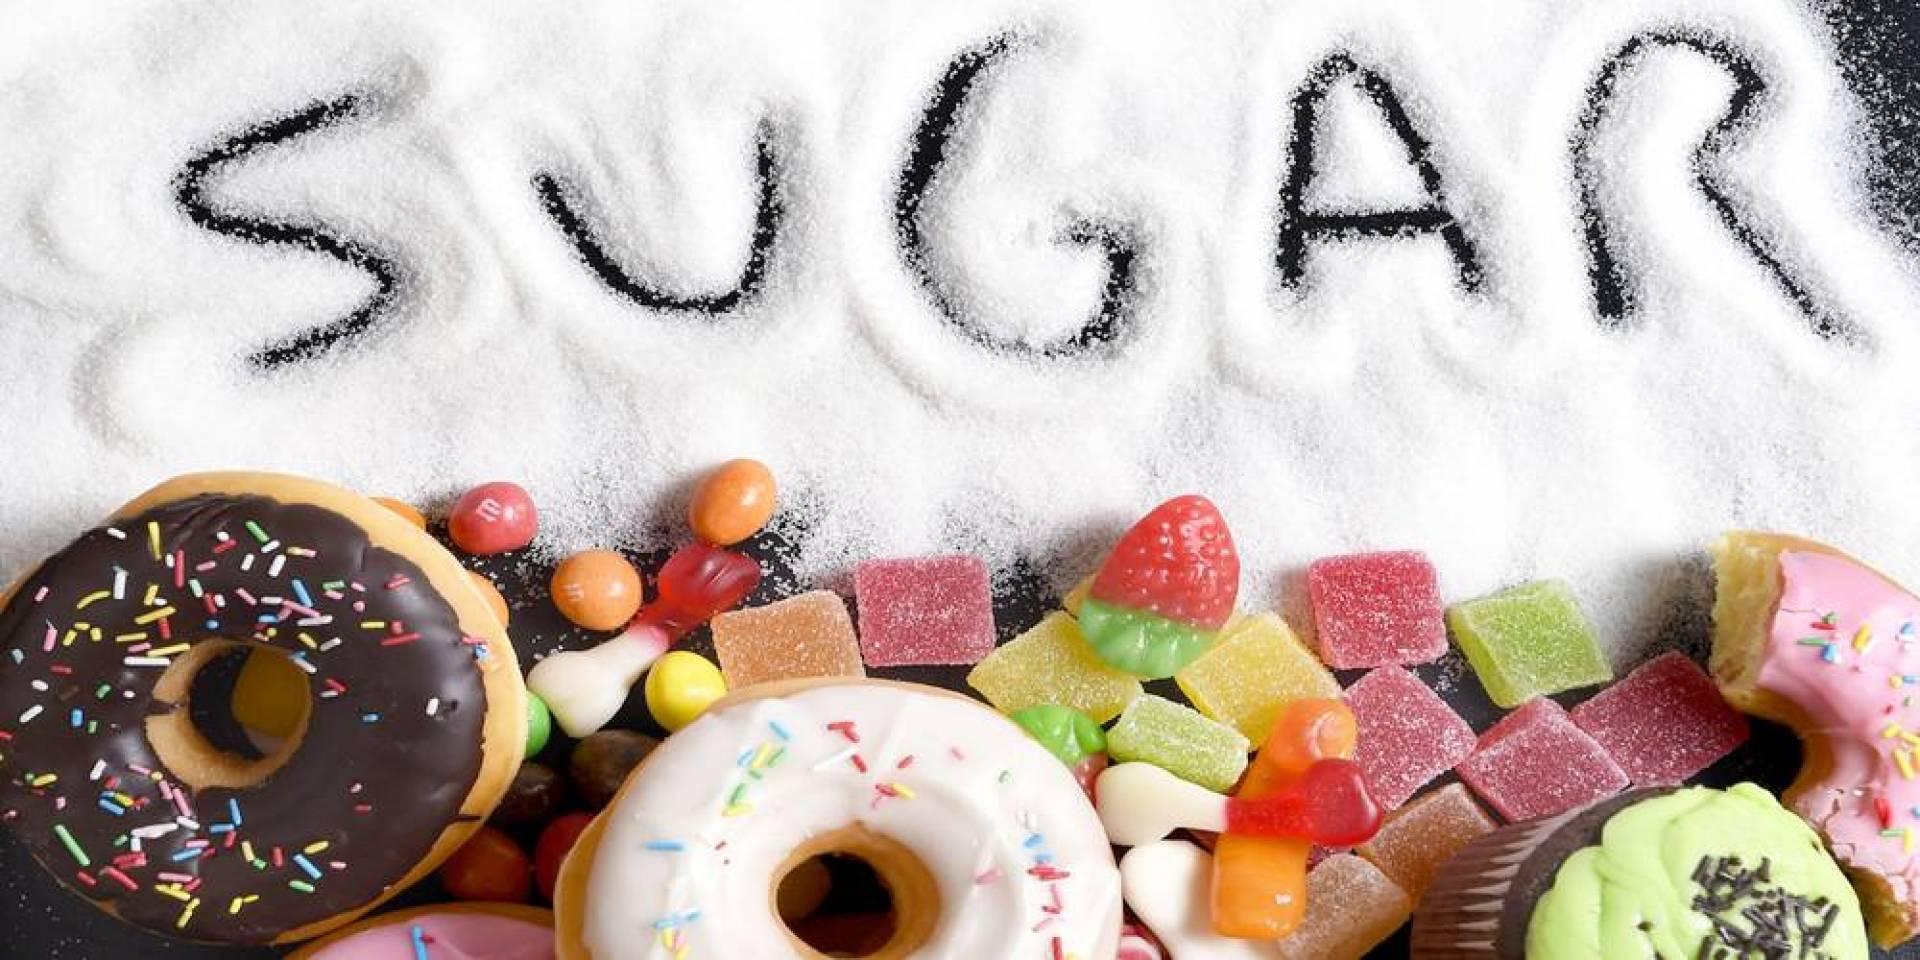 كيف تتخلص من إدمان السكريات في 10 أيام؟